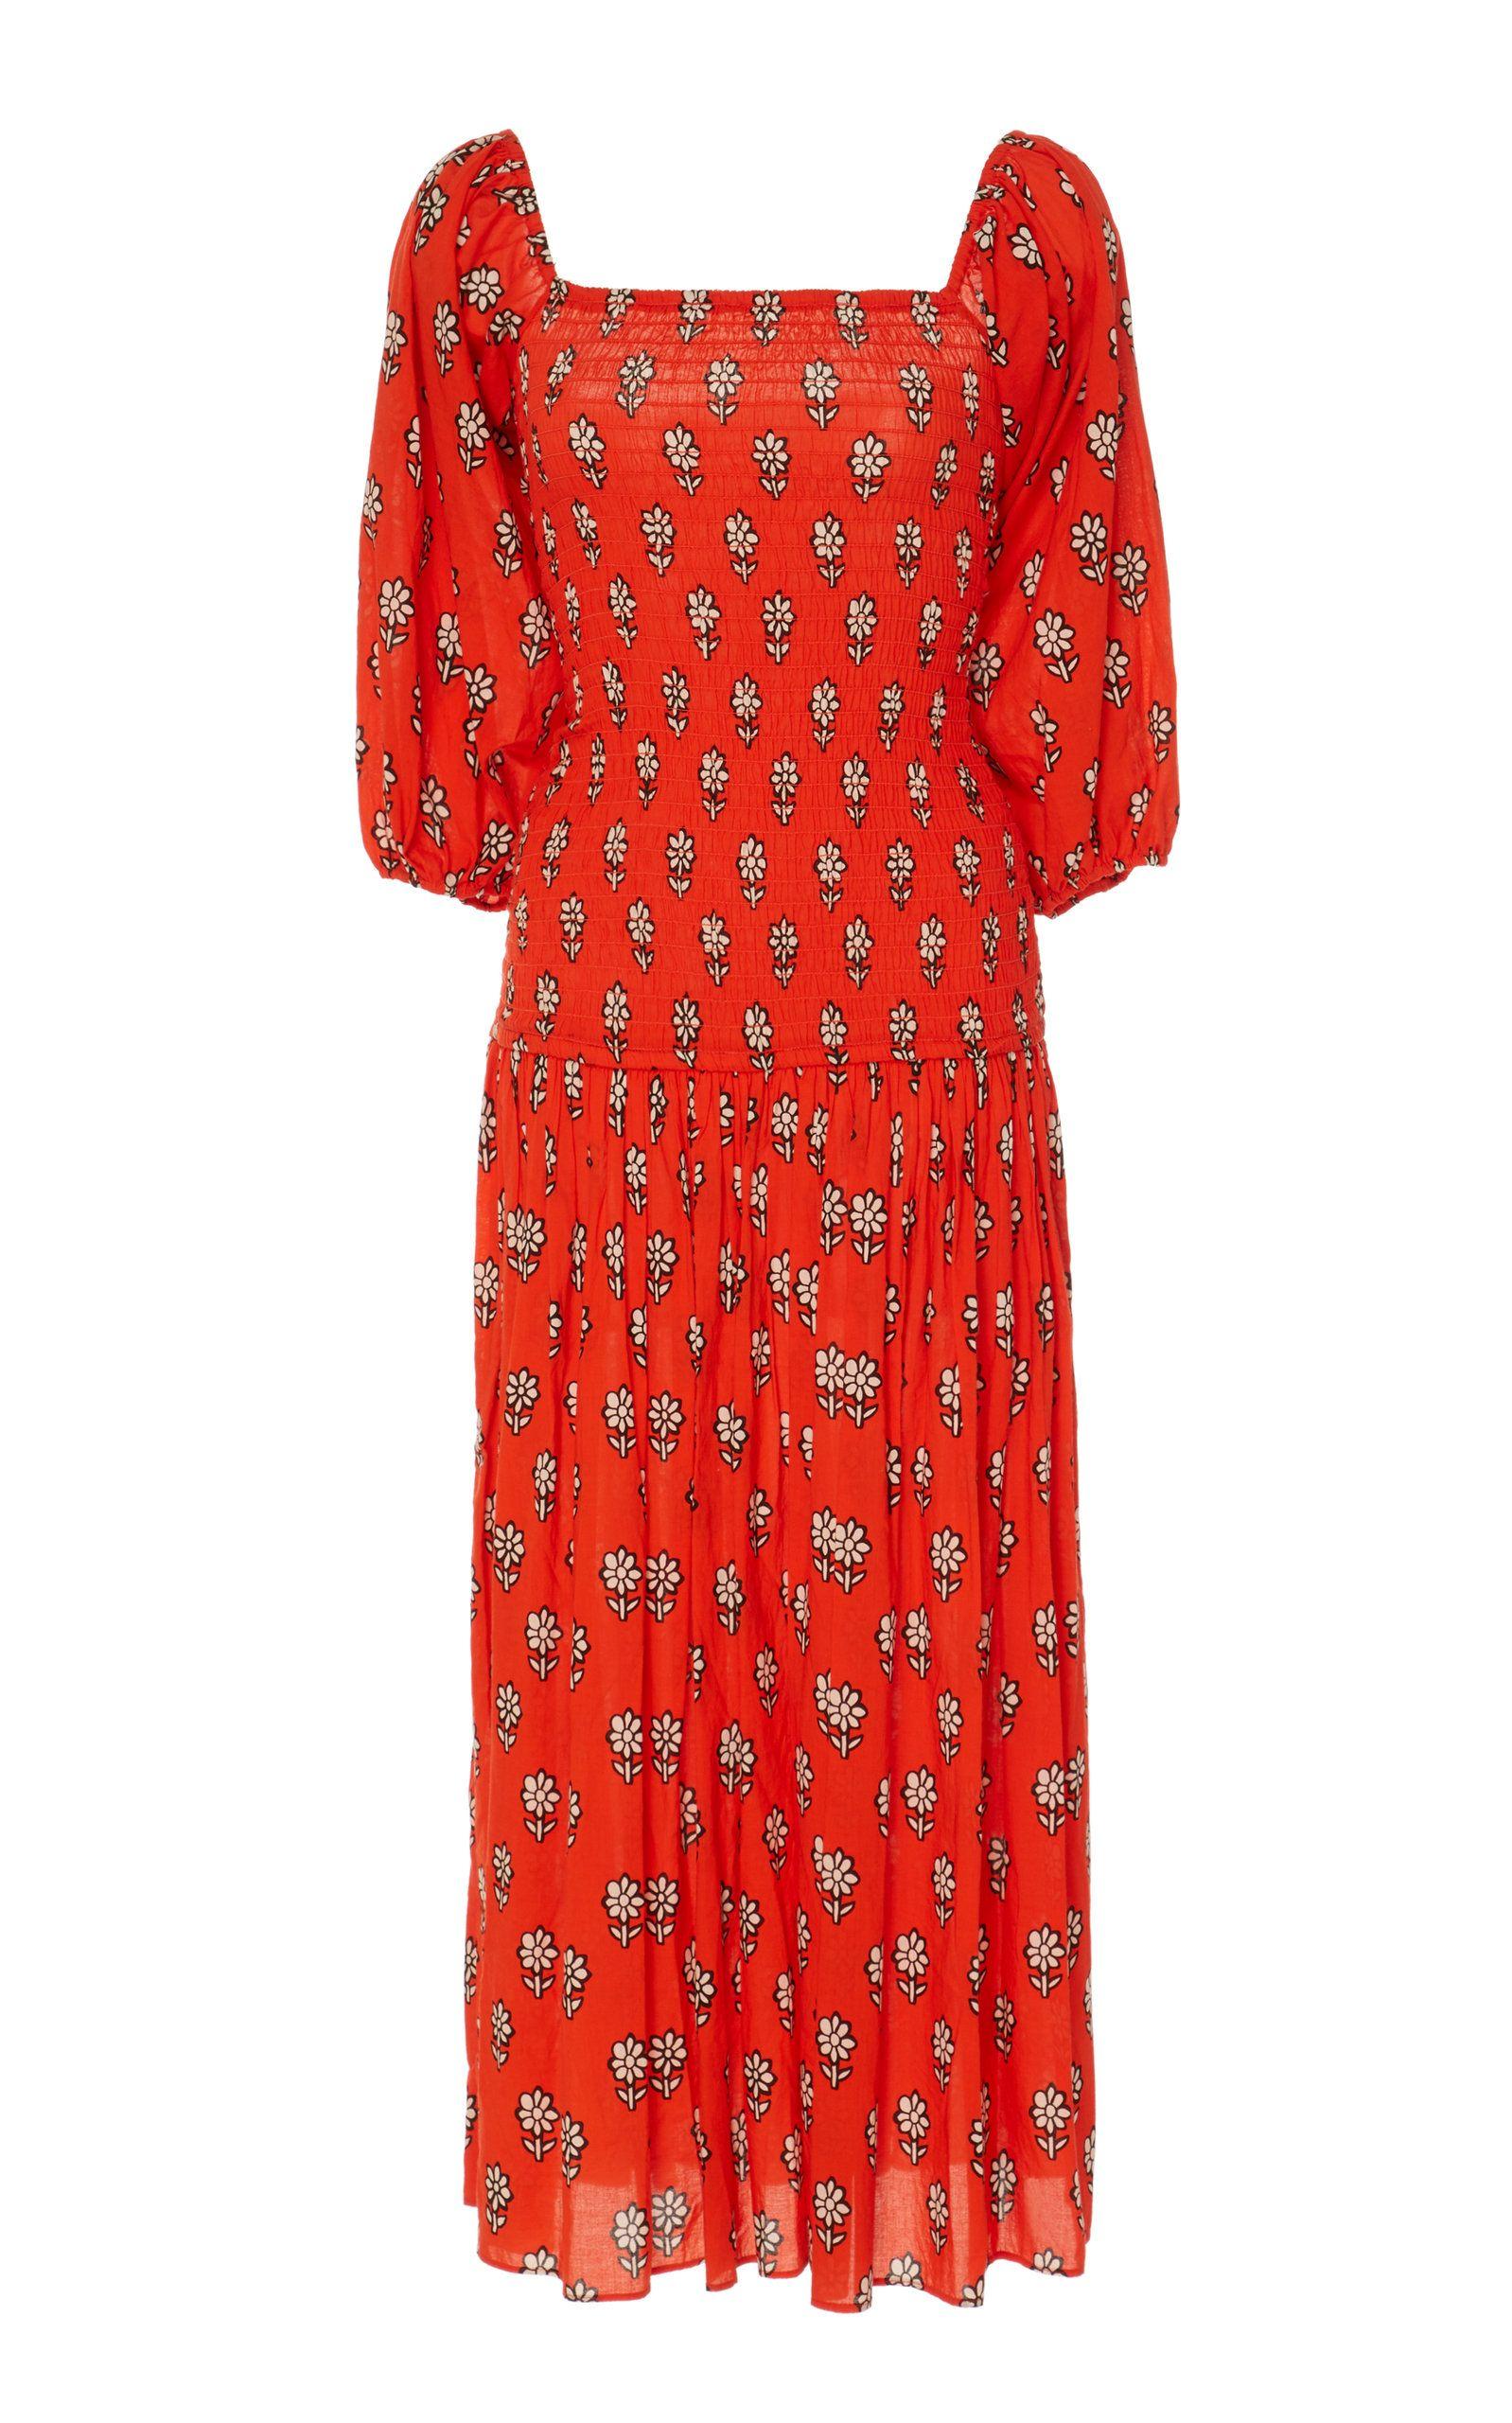 6466e4e0117 15 Spring Dresses - Colorful Dresses for Spring